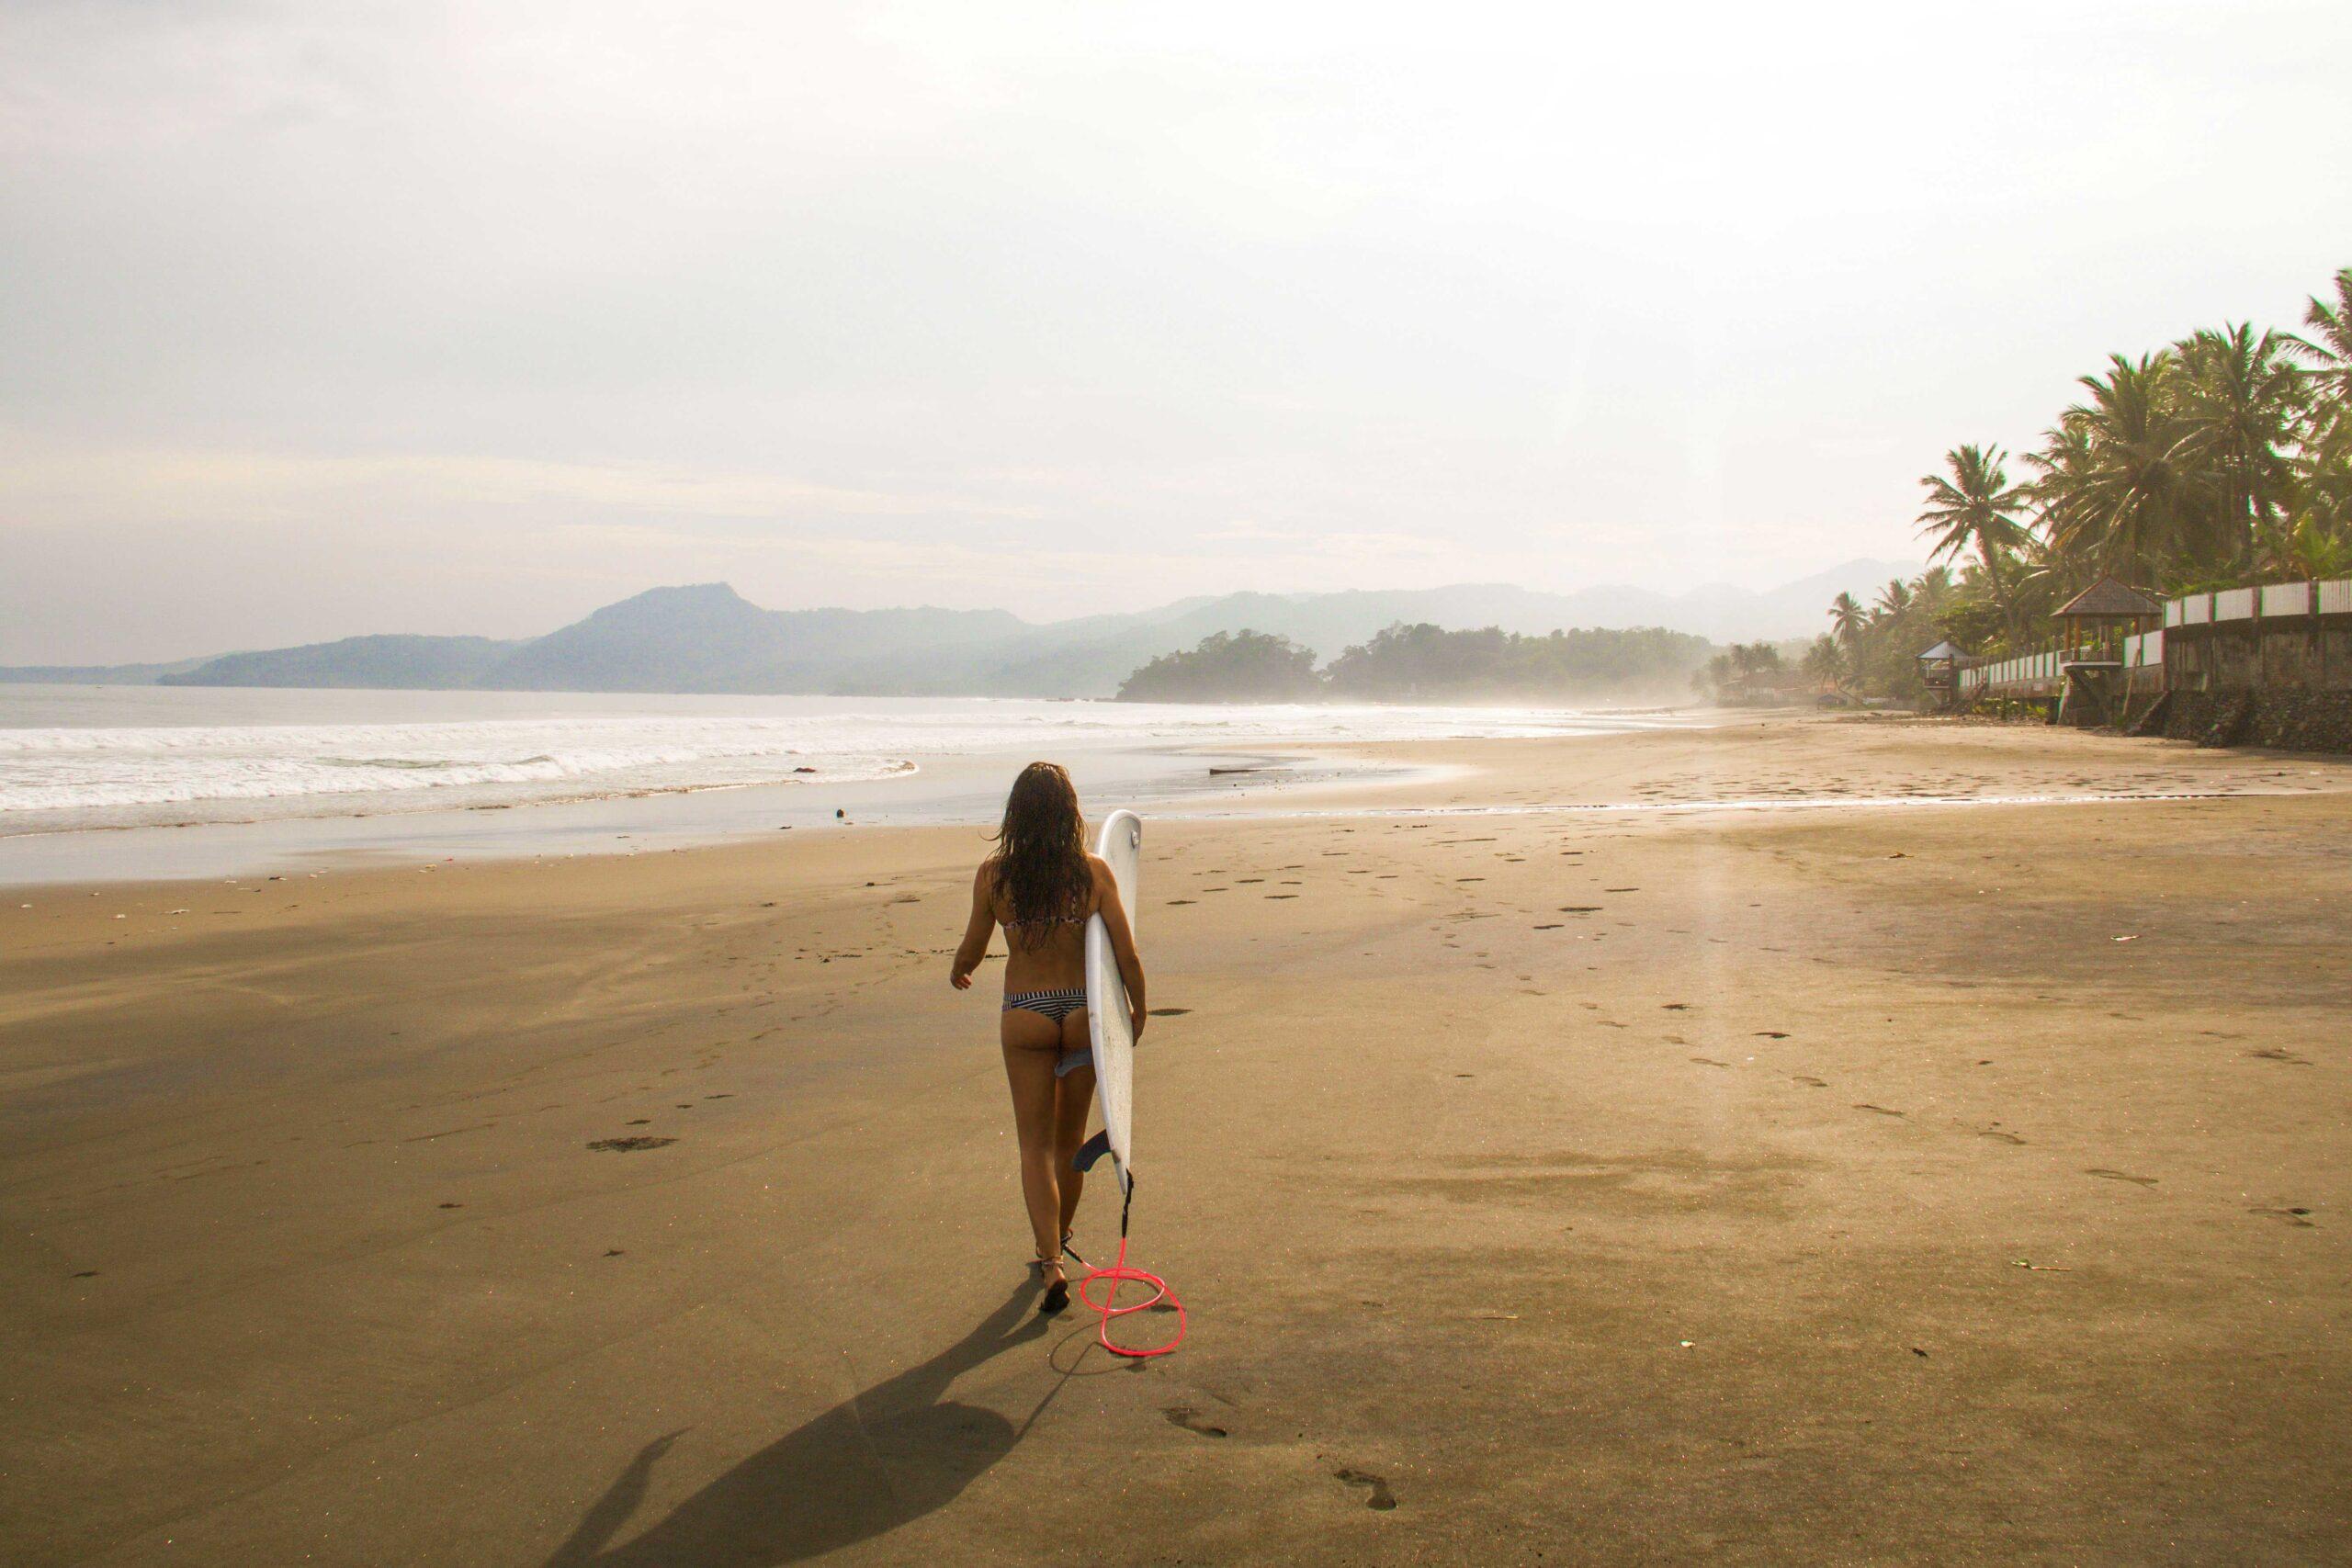 beach sunset surfing cimaja java